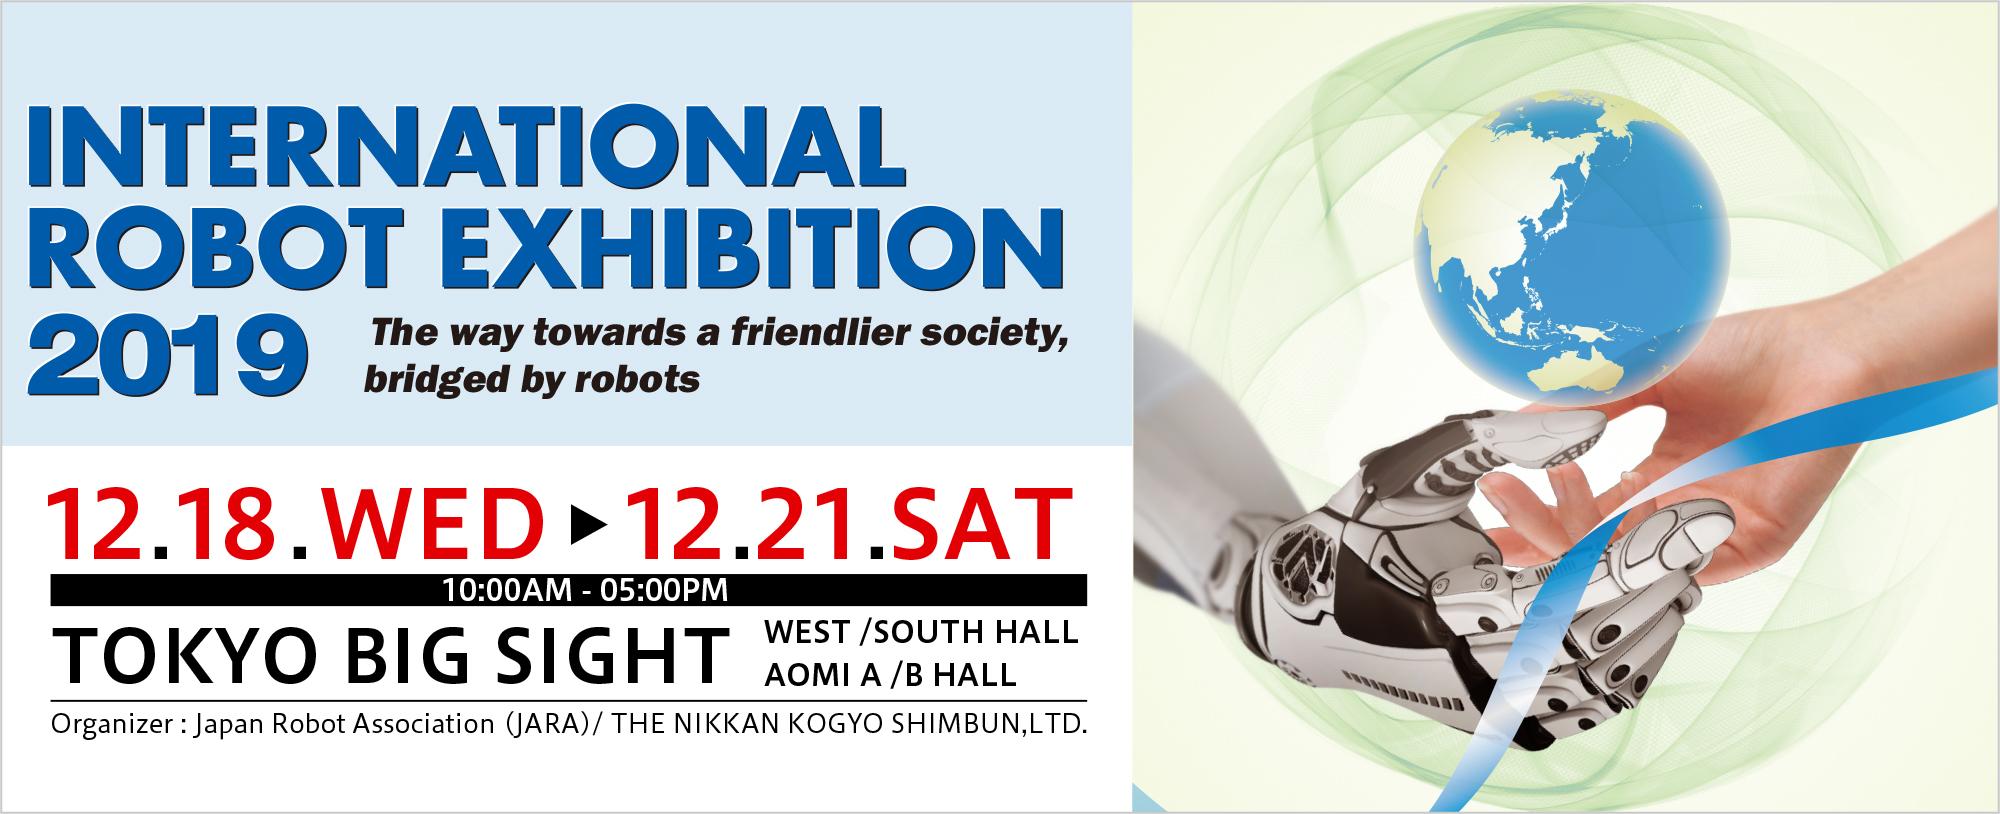 Japan Robot Association